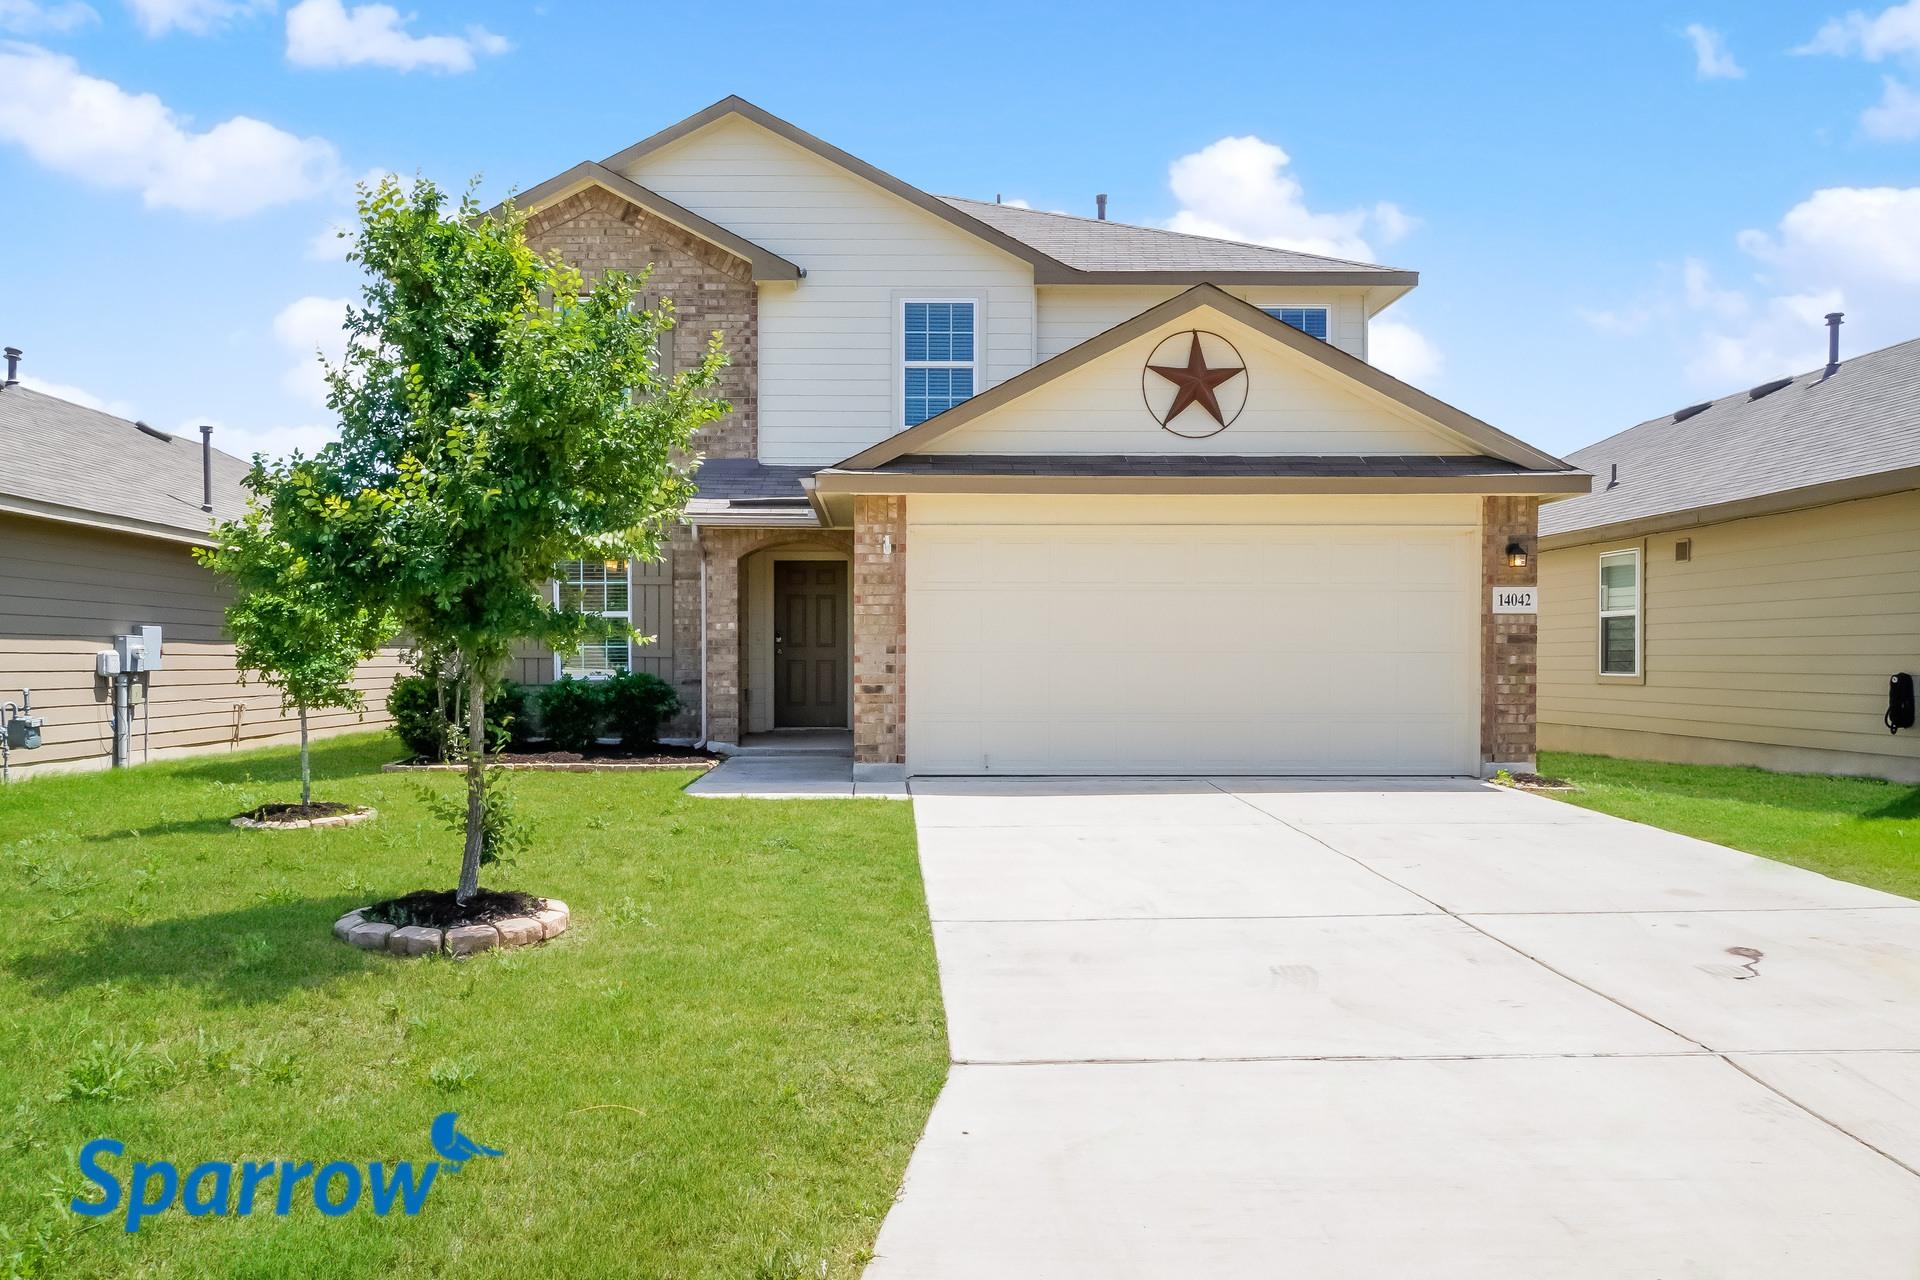 San Antonio Home for Rent